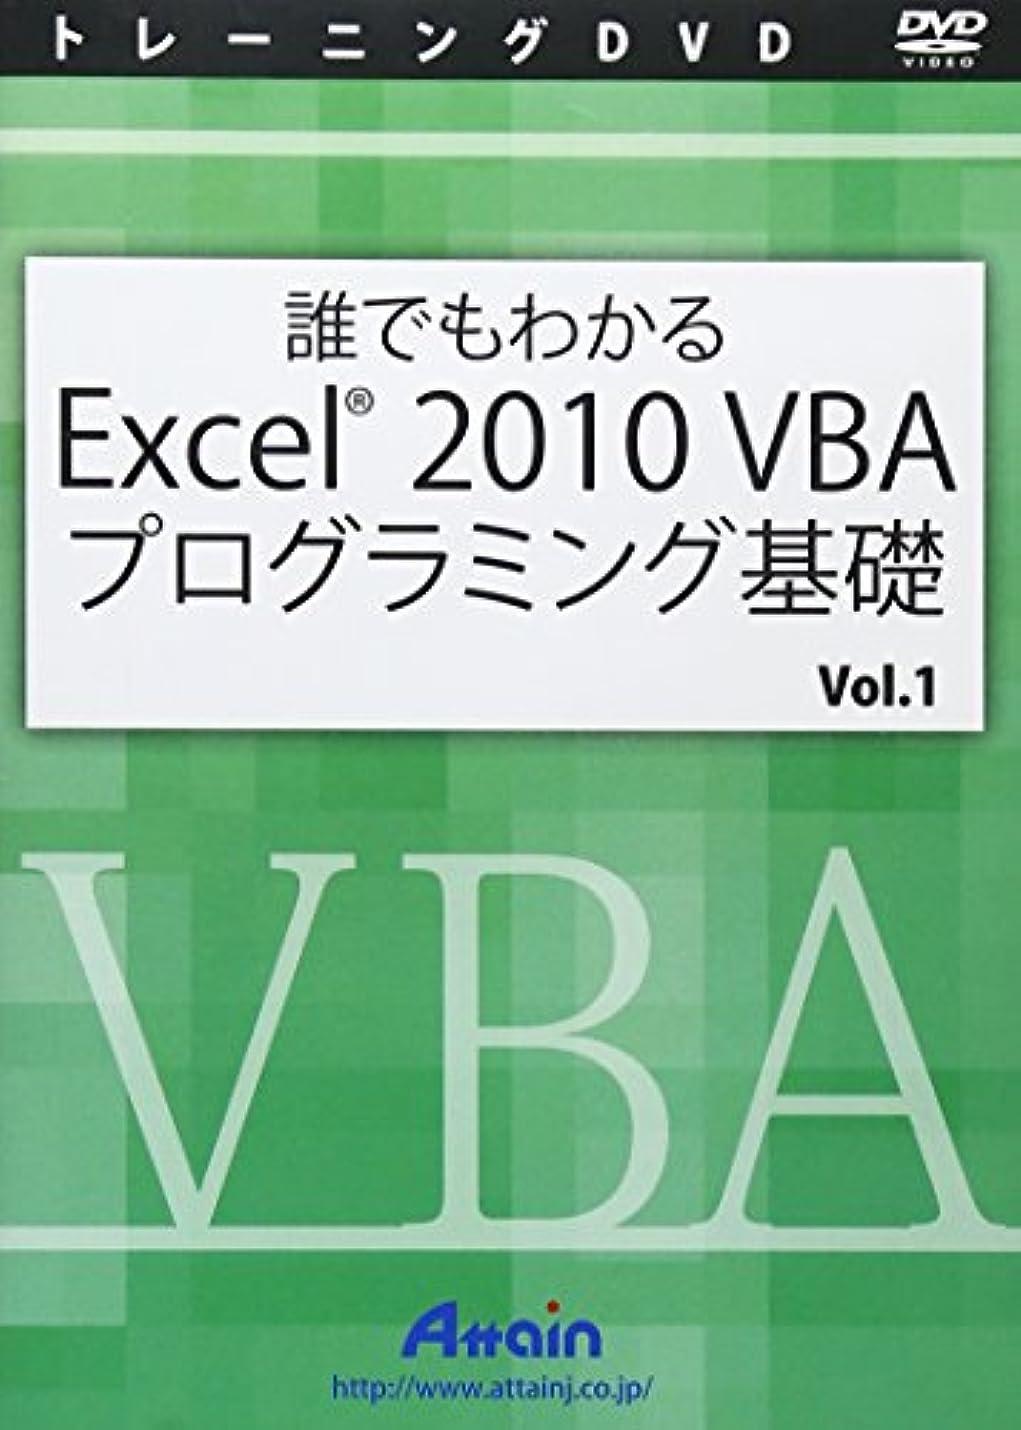 鉄道駅帰する許される誰でもわかるExcel 2010 VBAプログラミング基礎 Vol.1